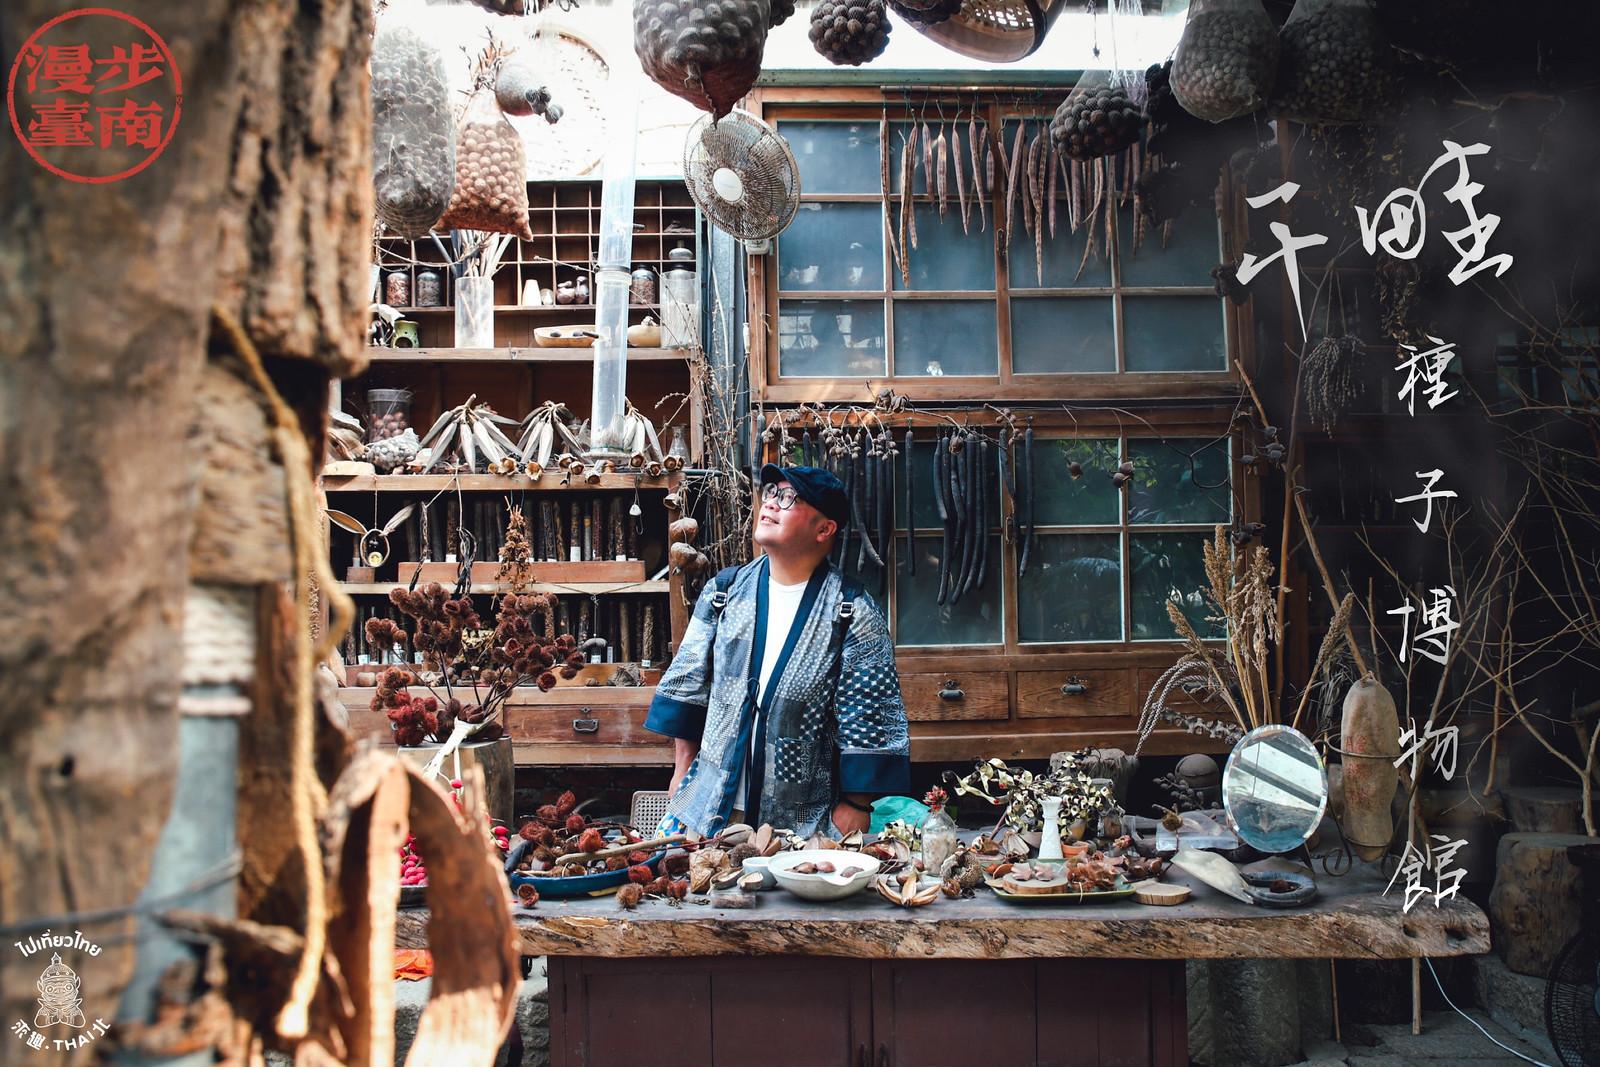 都市叢林中的植物藝世界「千畦種子博物館」